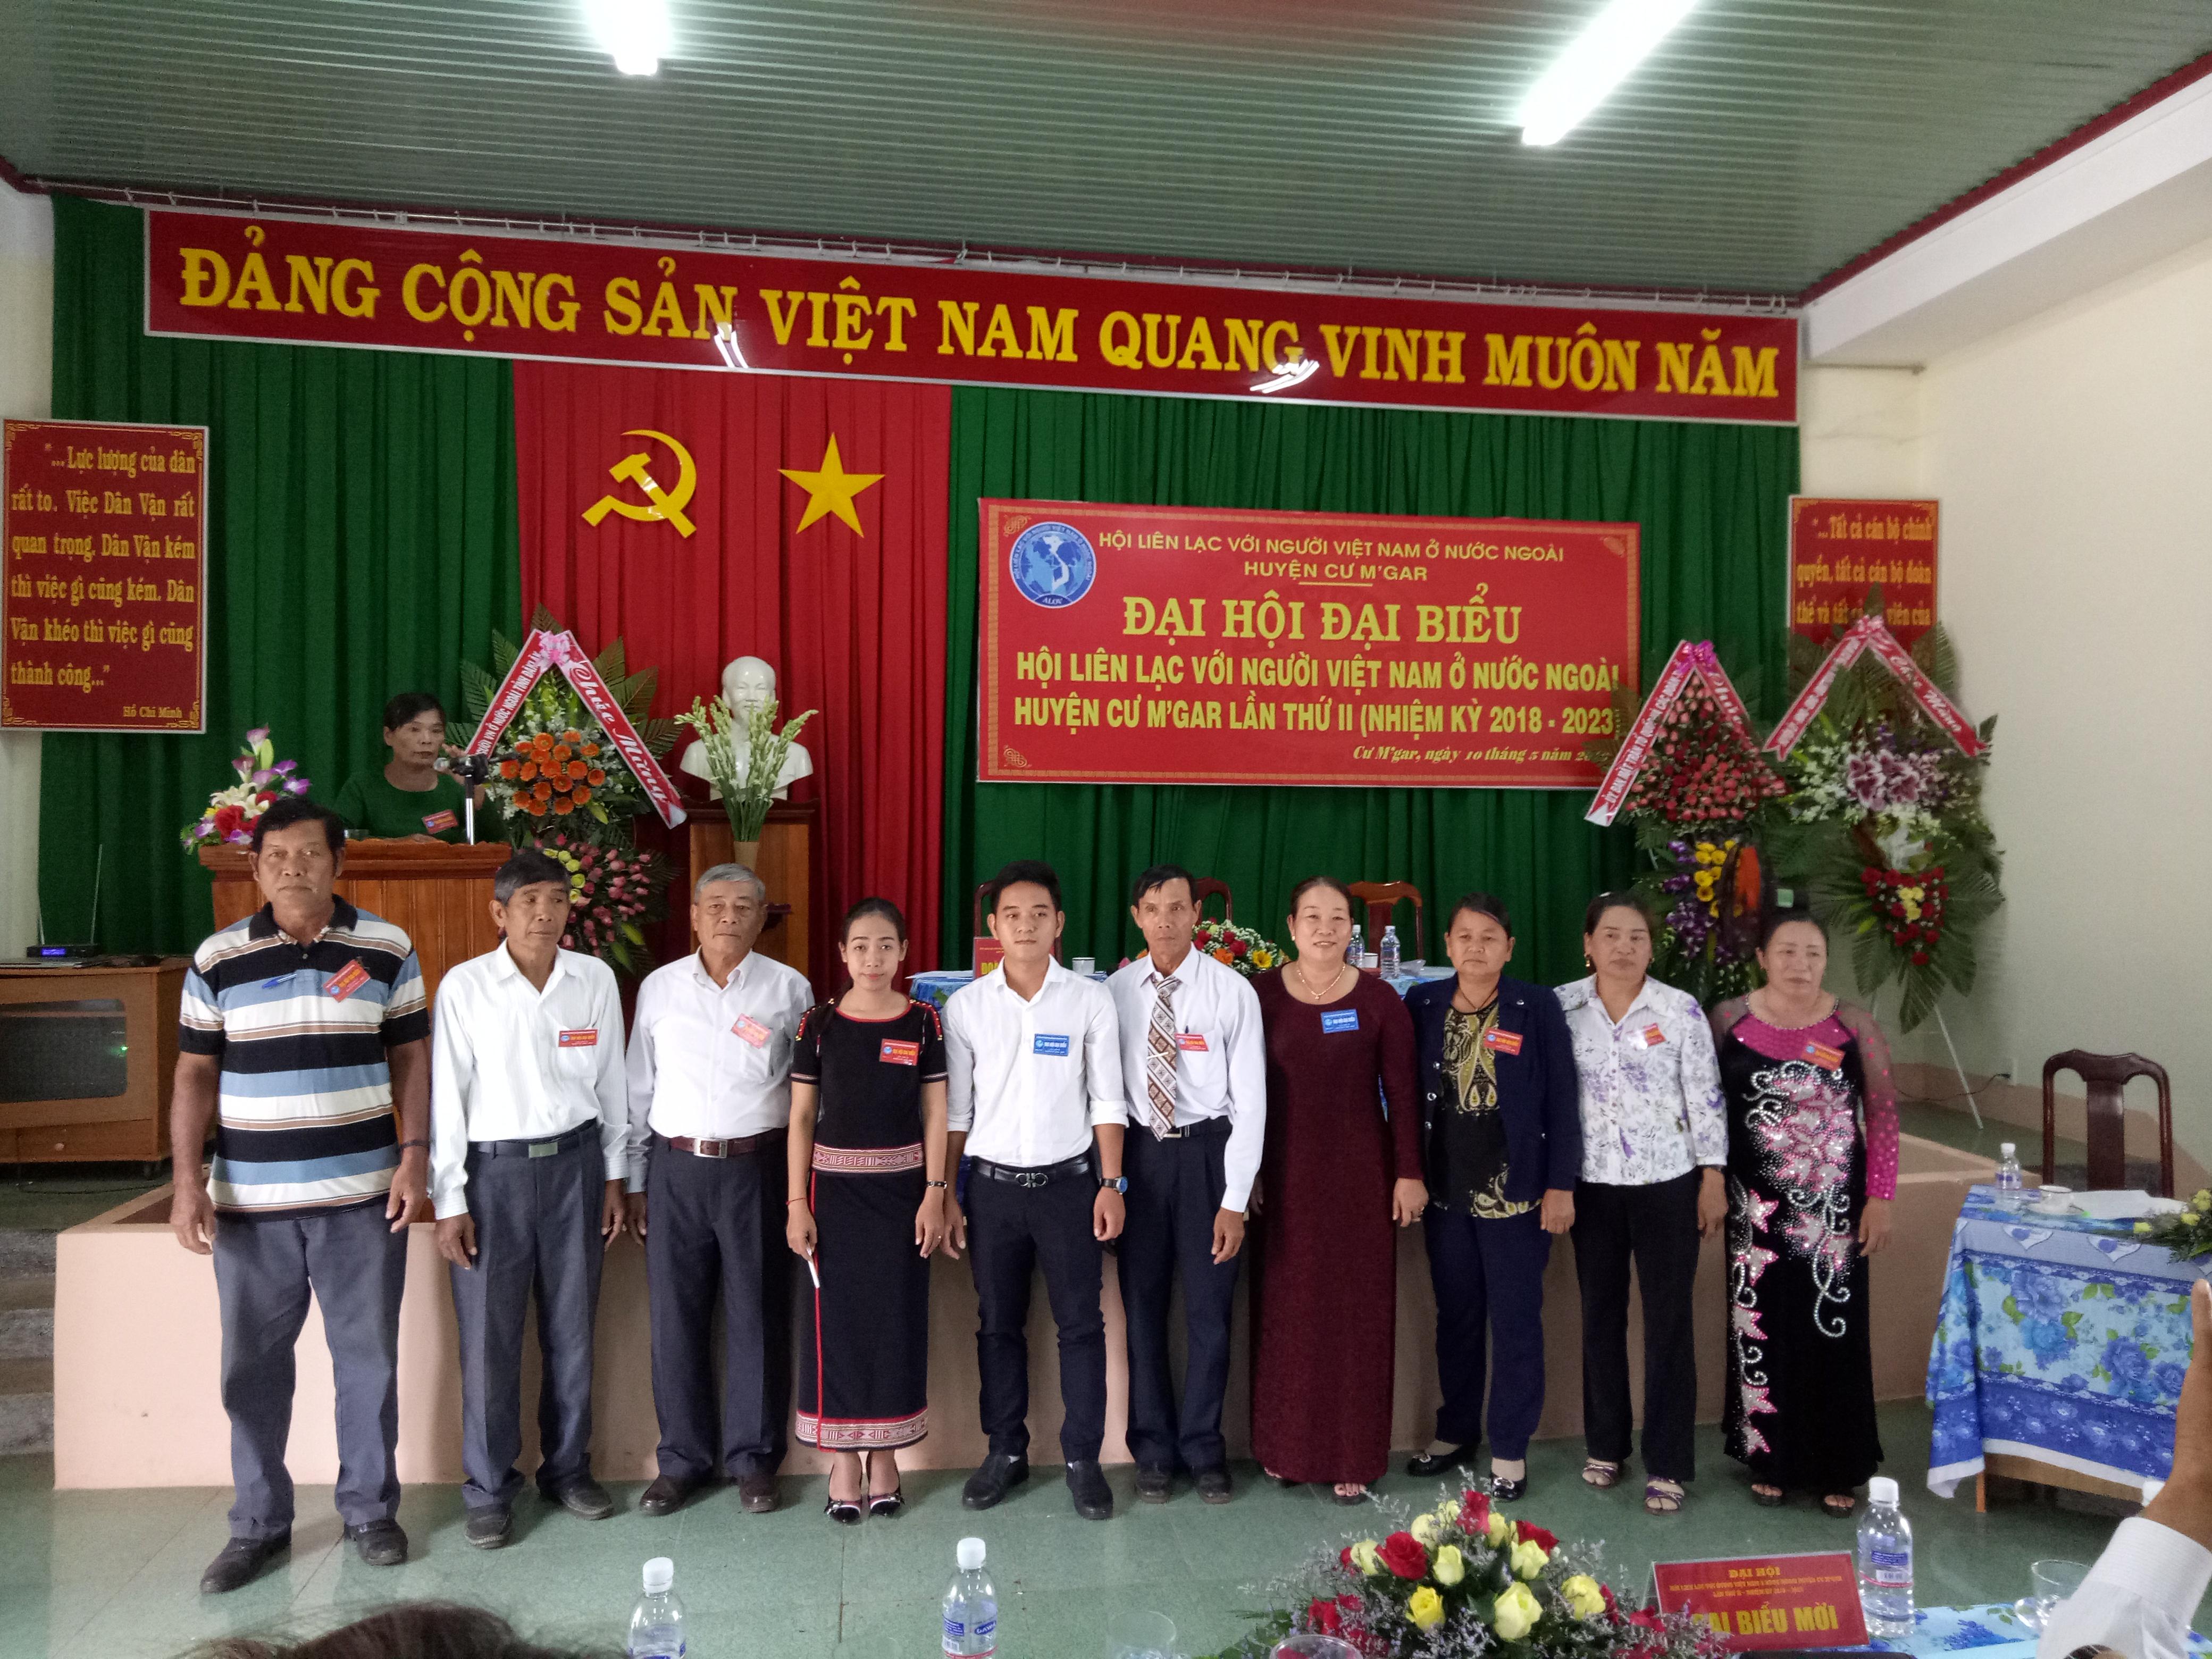 Đại hội đại biểu Hội Liên lạc với người Việt Nam ở nước ngoài huyện Cư M'gar lần thứ II (nhiệm kỳ 2018-2023)